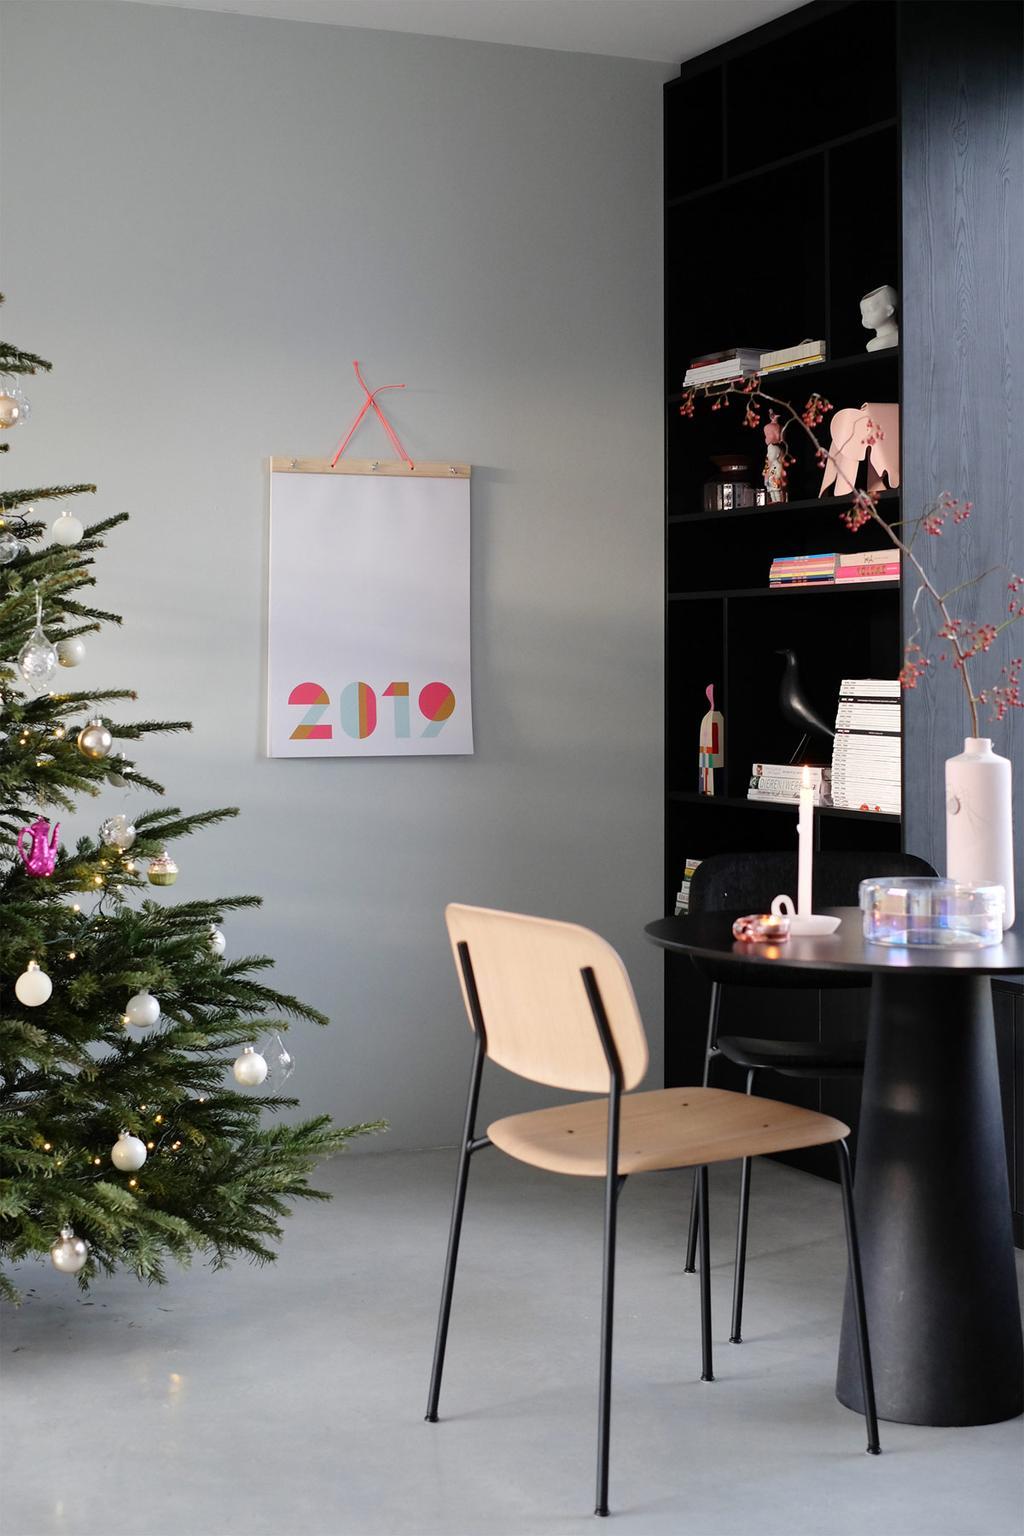 Jaarplanner van ENGEL. staat naast de kerstboom van bloggers PRCHTG.